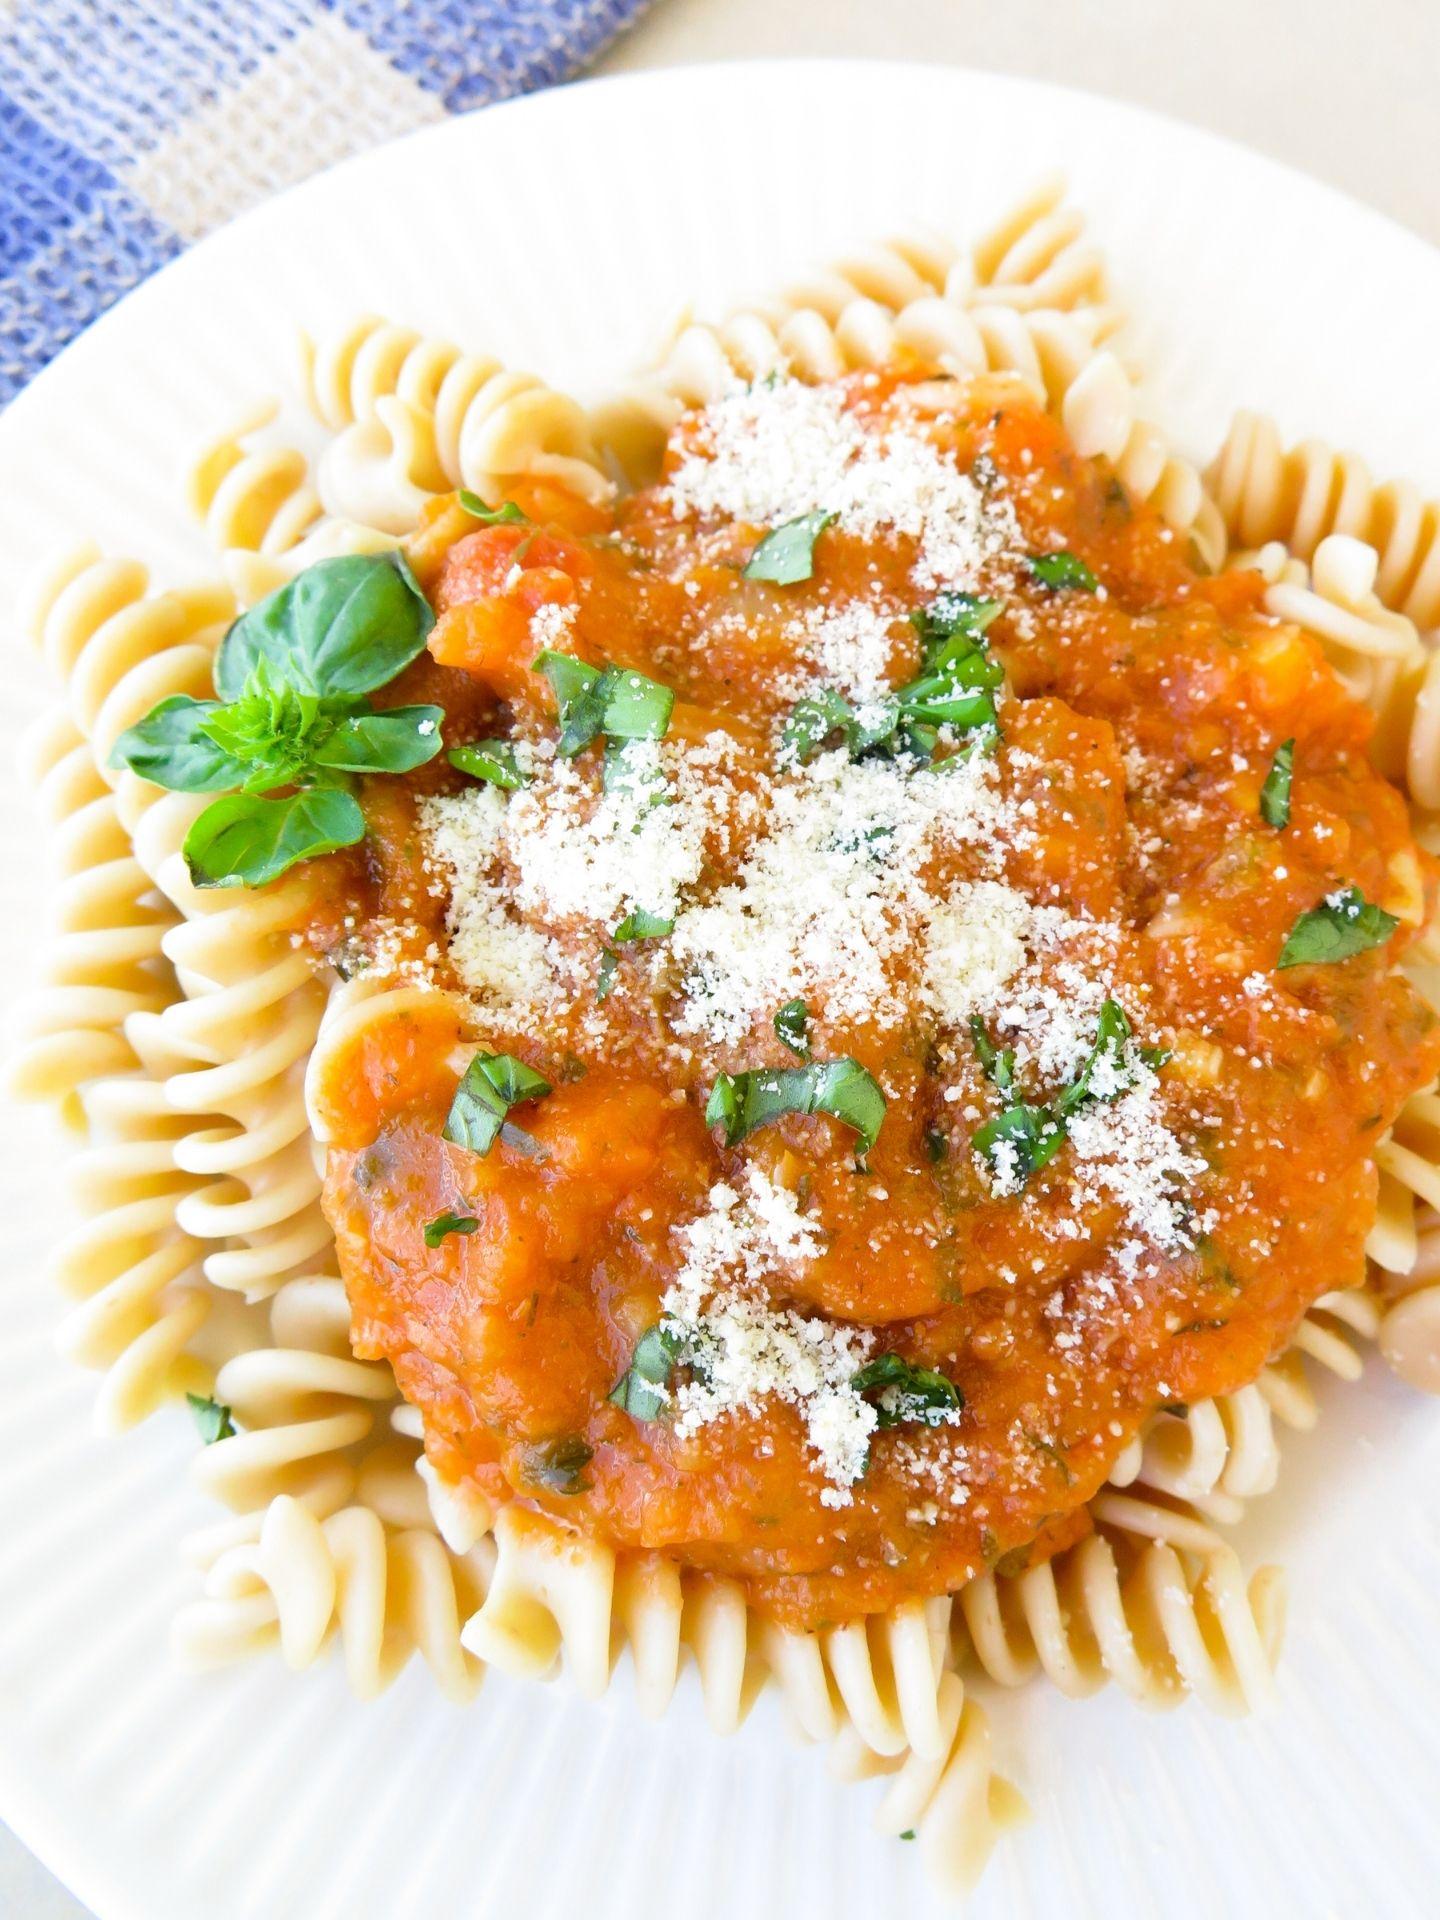 Veganer Parmesan ueber Pasta gestreut